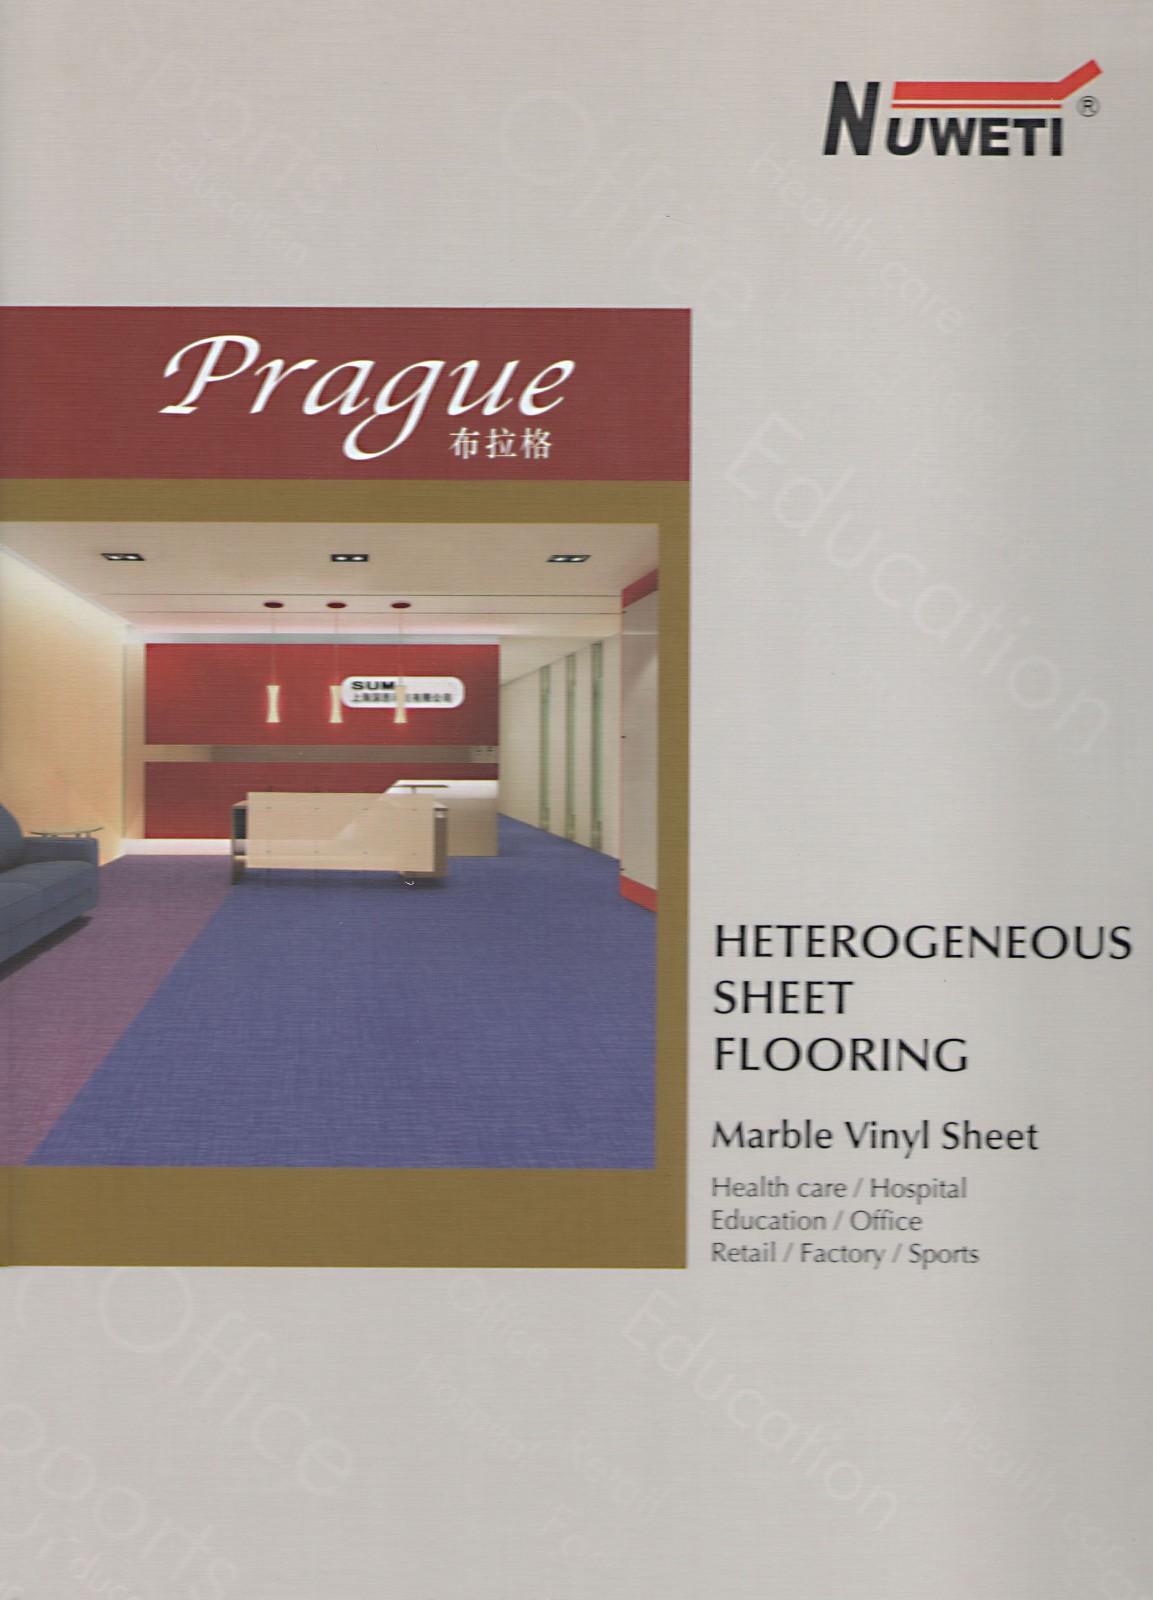 大巨龙布拉格PVC地板 大巨龙系列-陕西棋牌挣钱建材有限责任公司